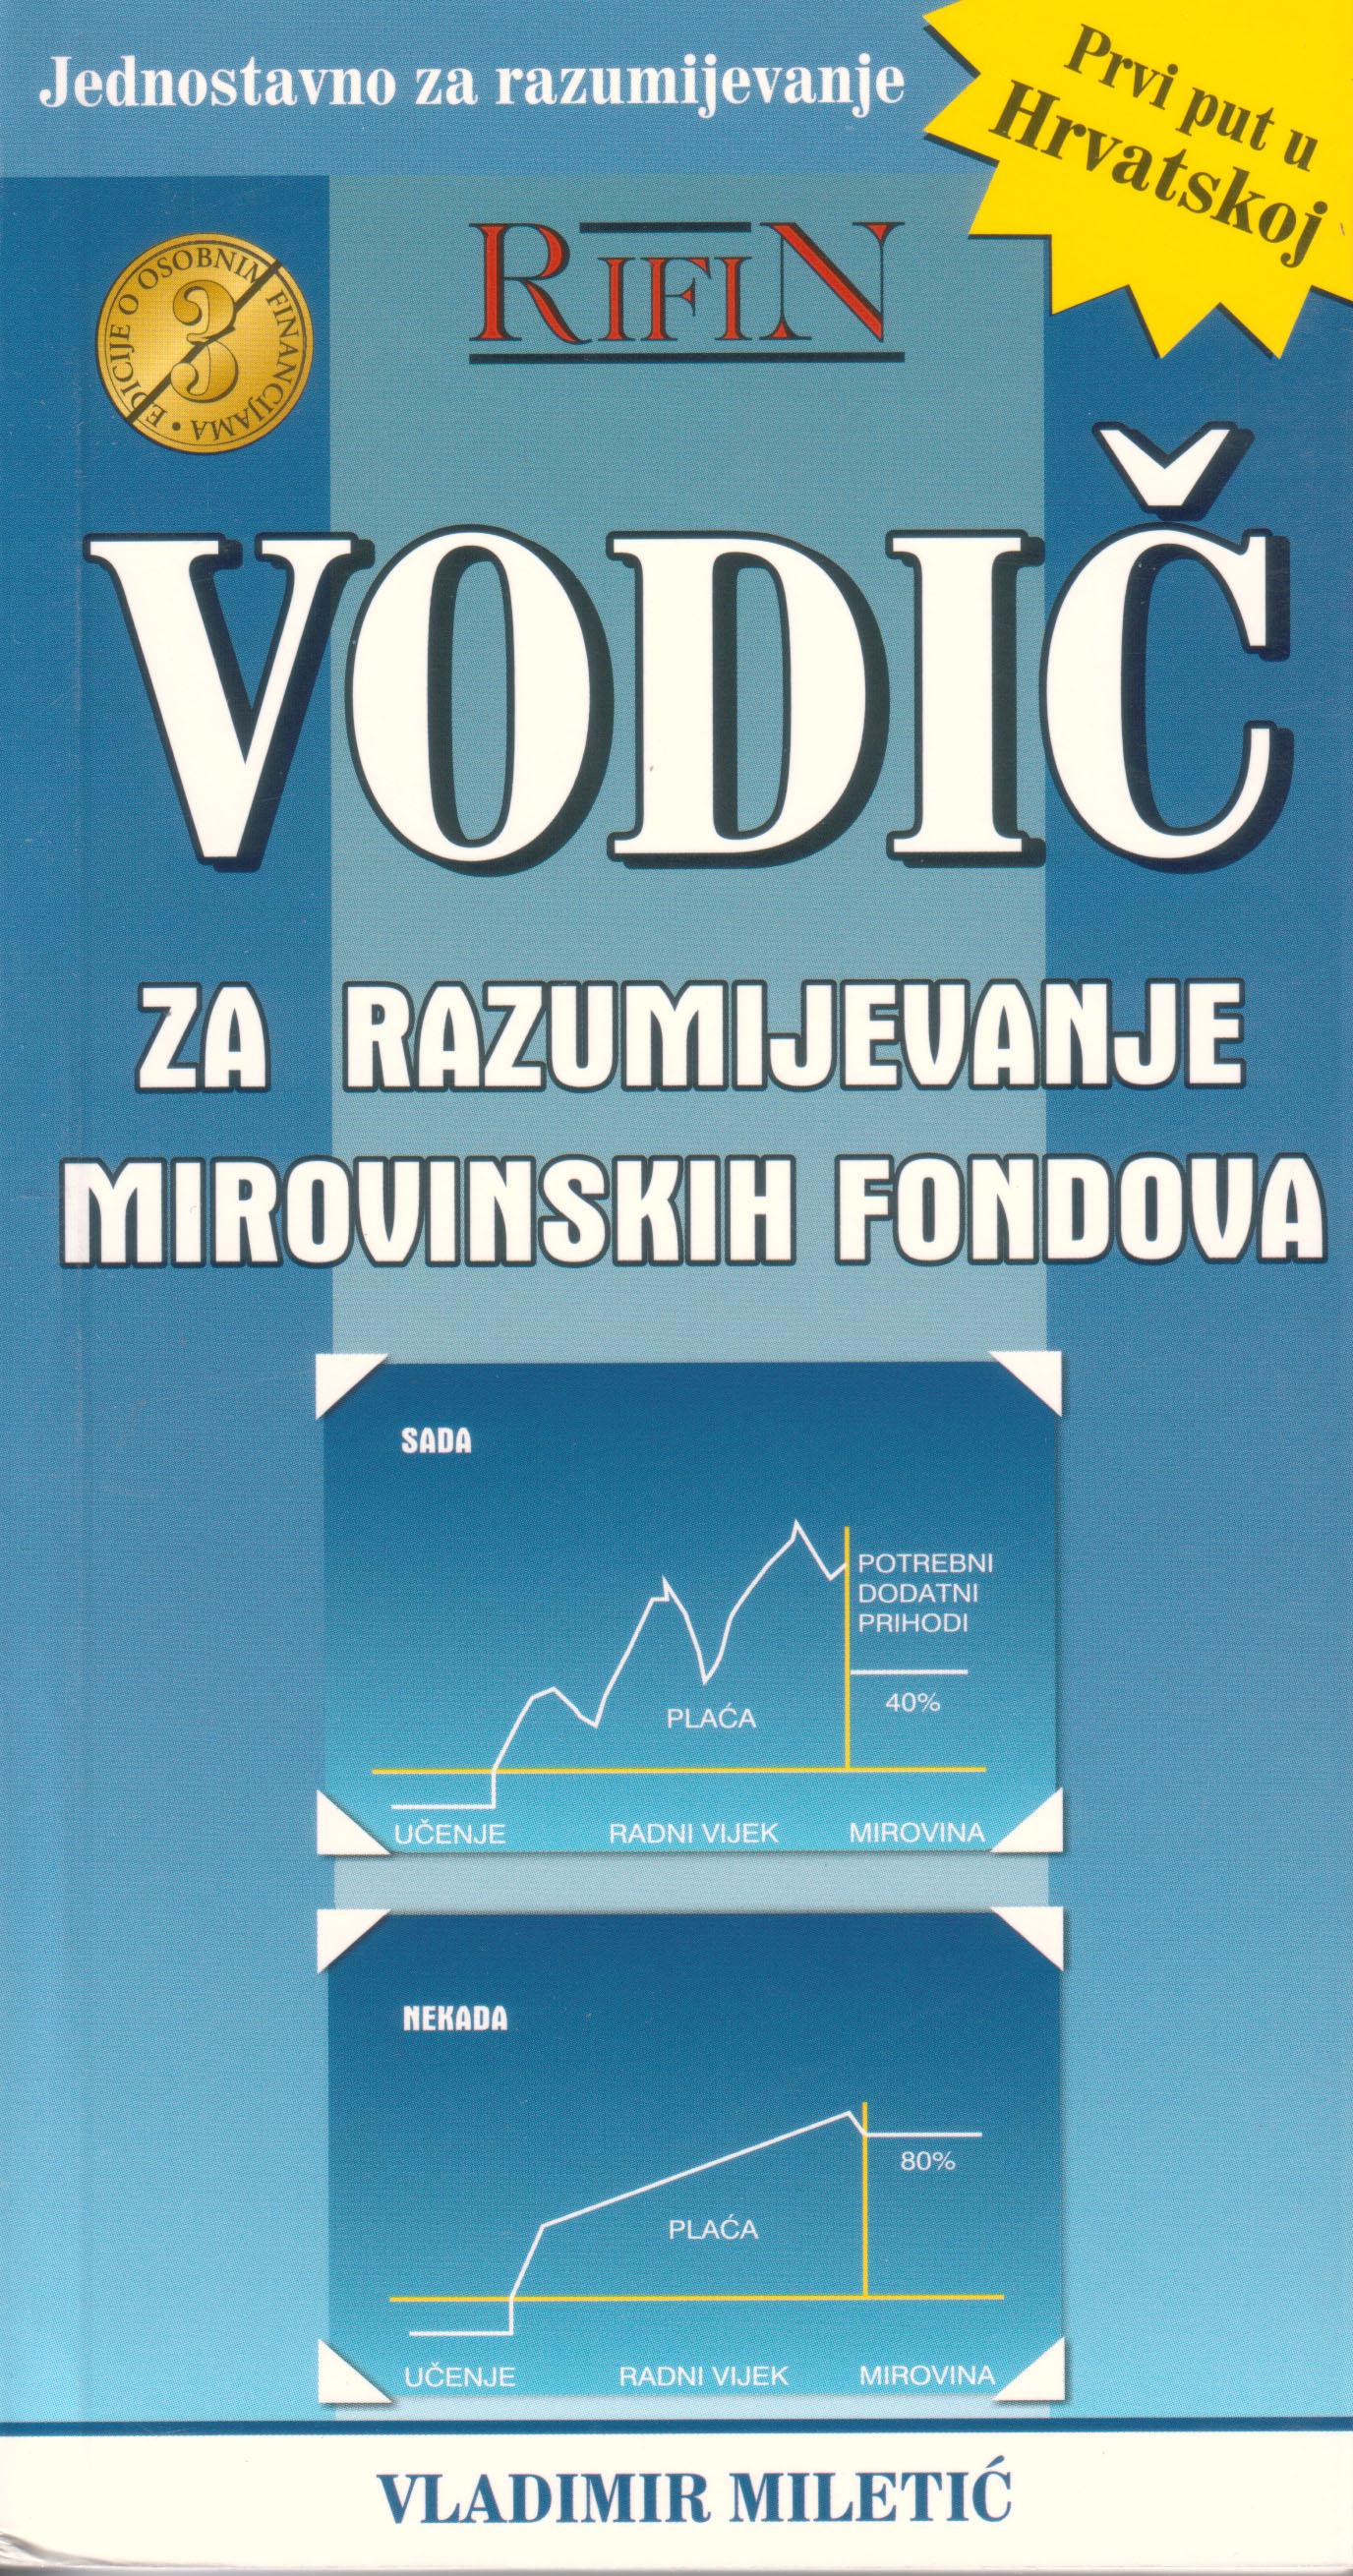 VODIČ ZA RAZUMIJEVANJE MIROVINSKIH FONDOVA - Naruči svoju knjigu